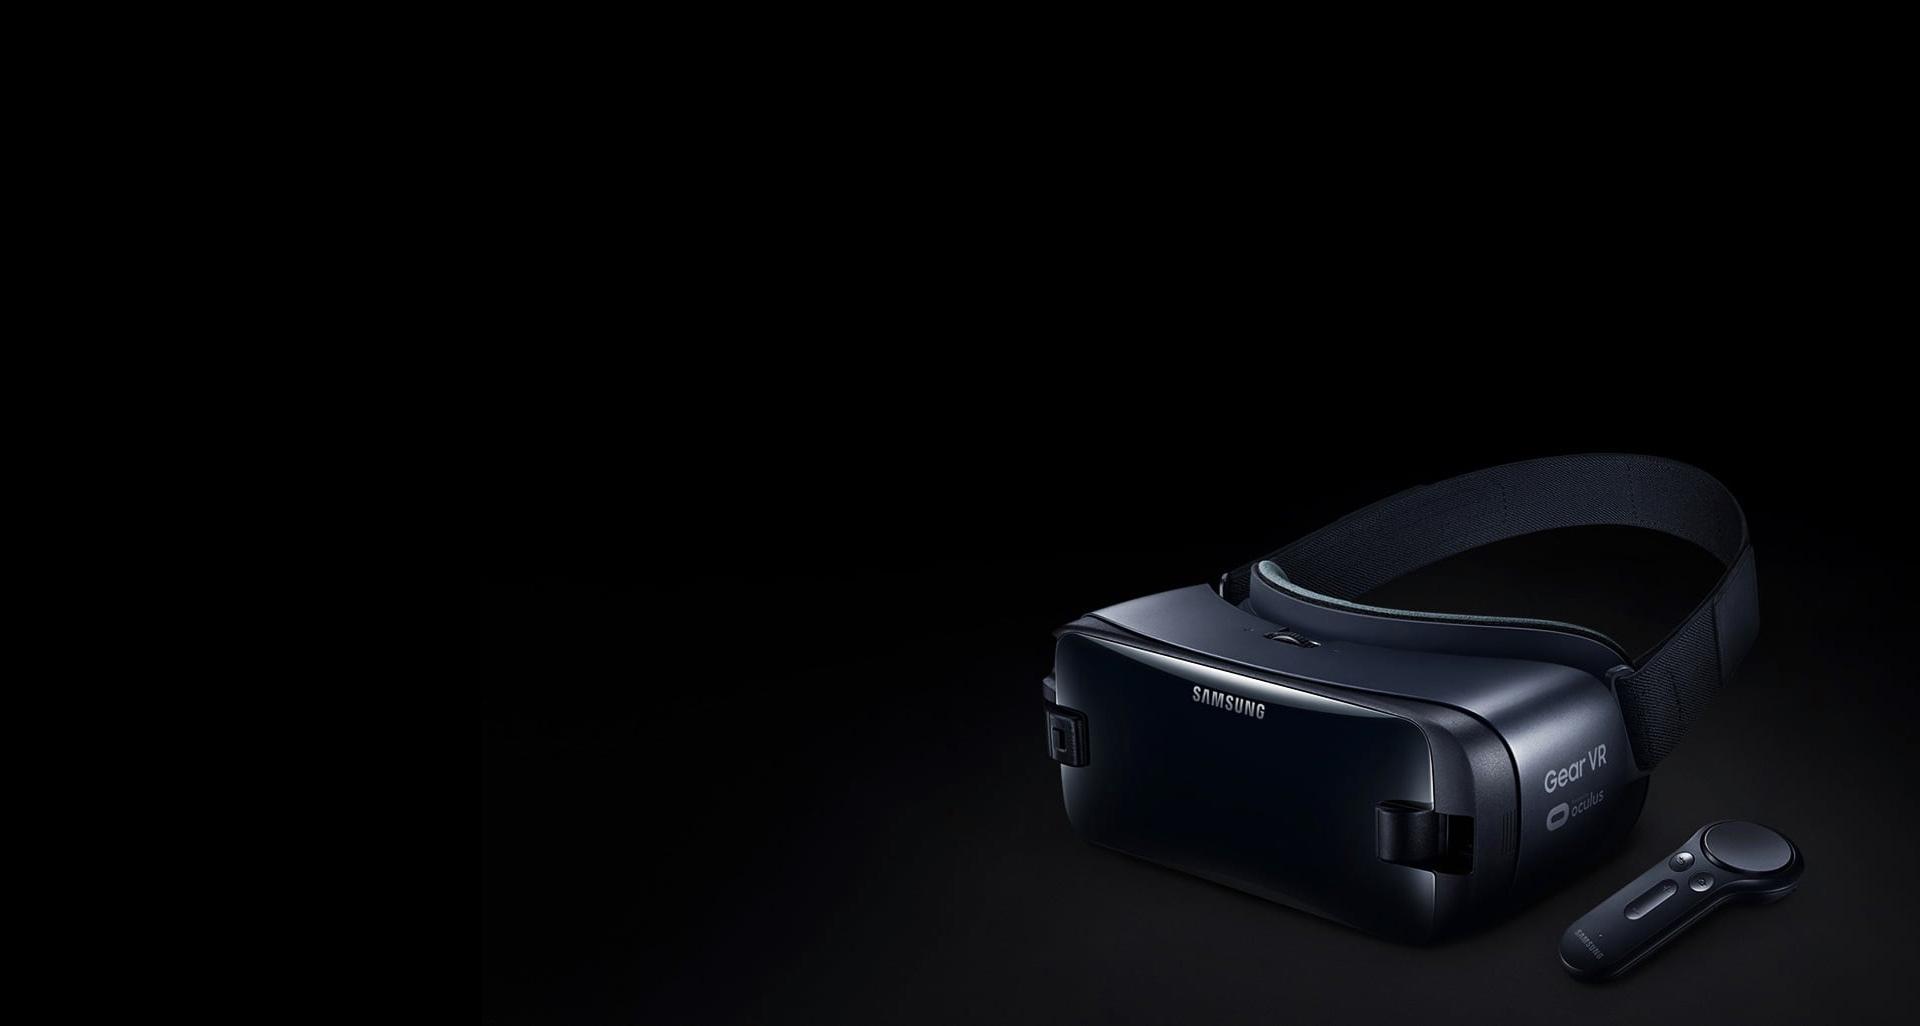 گیر وی آر با کنترل کننده 4D سامسونگ